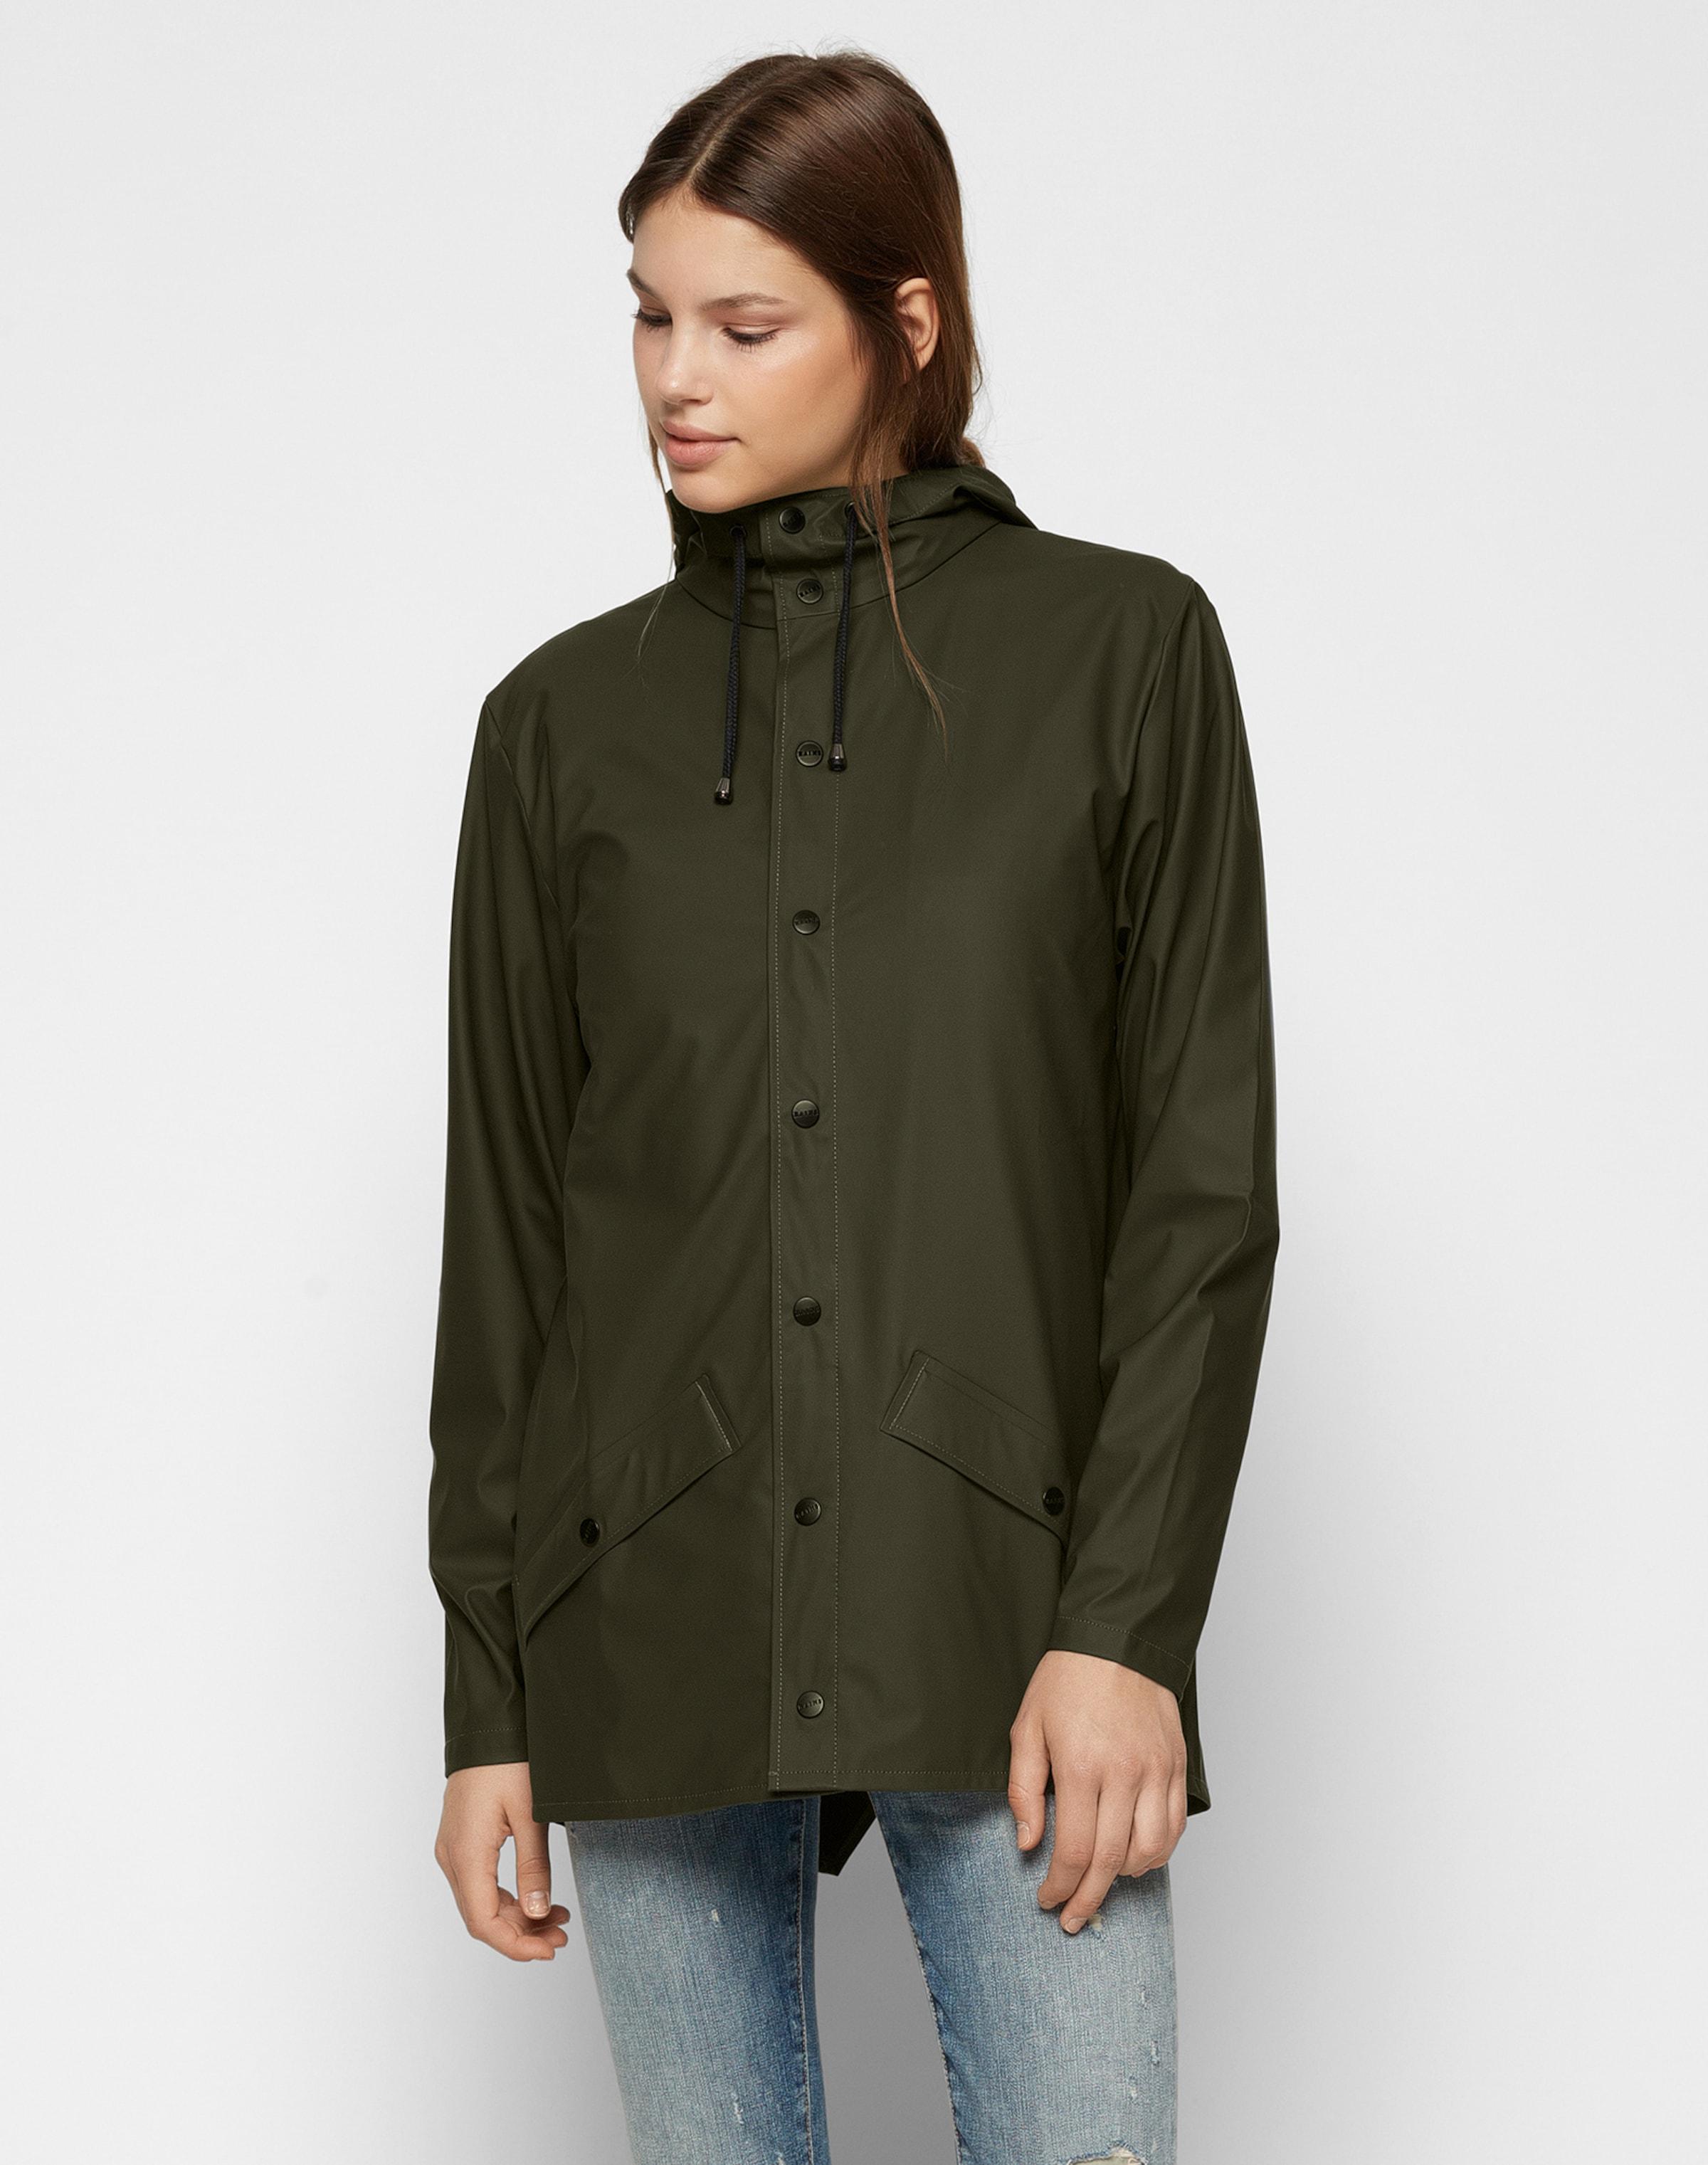 Foncé Vert Fonctionnelle En Veste Rains vN8nm0wOy